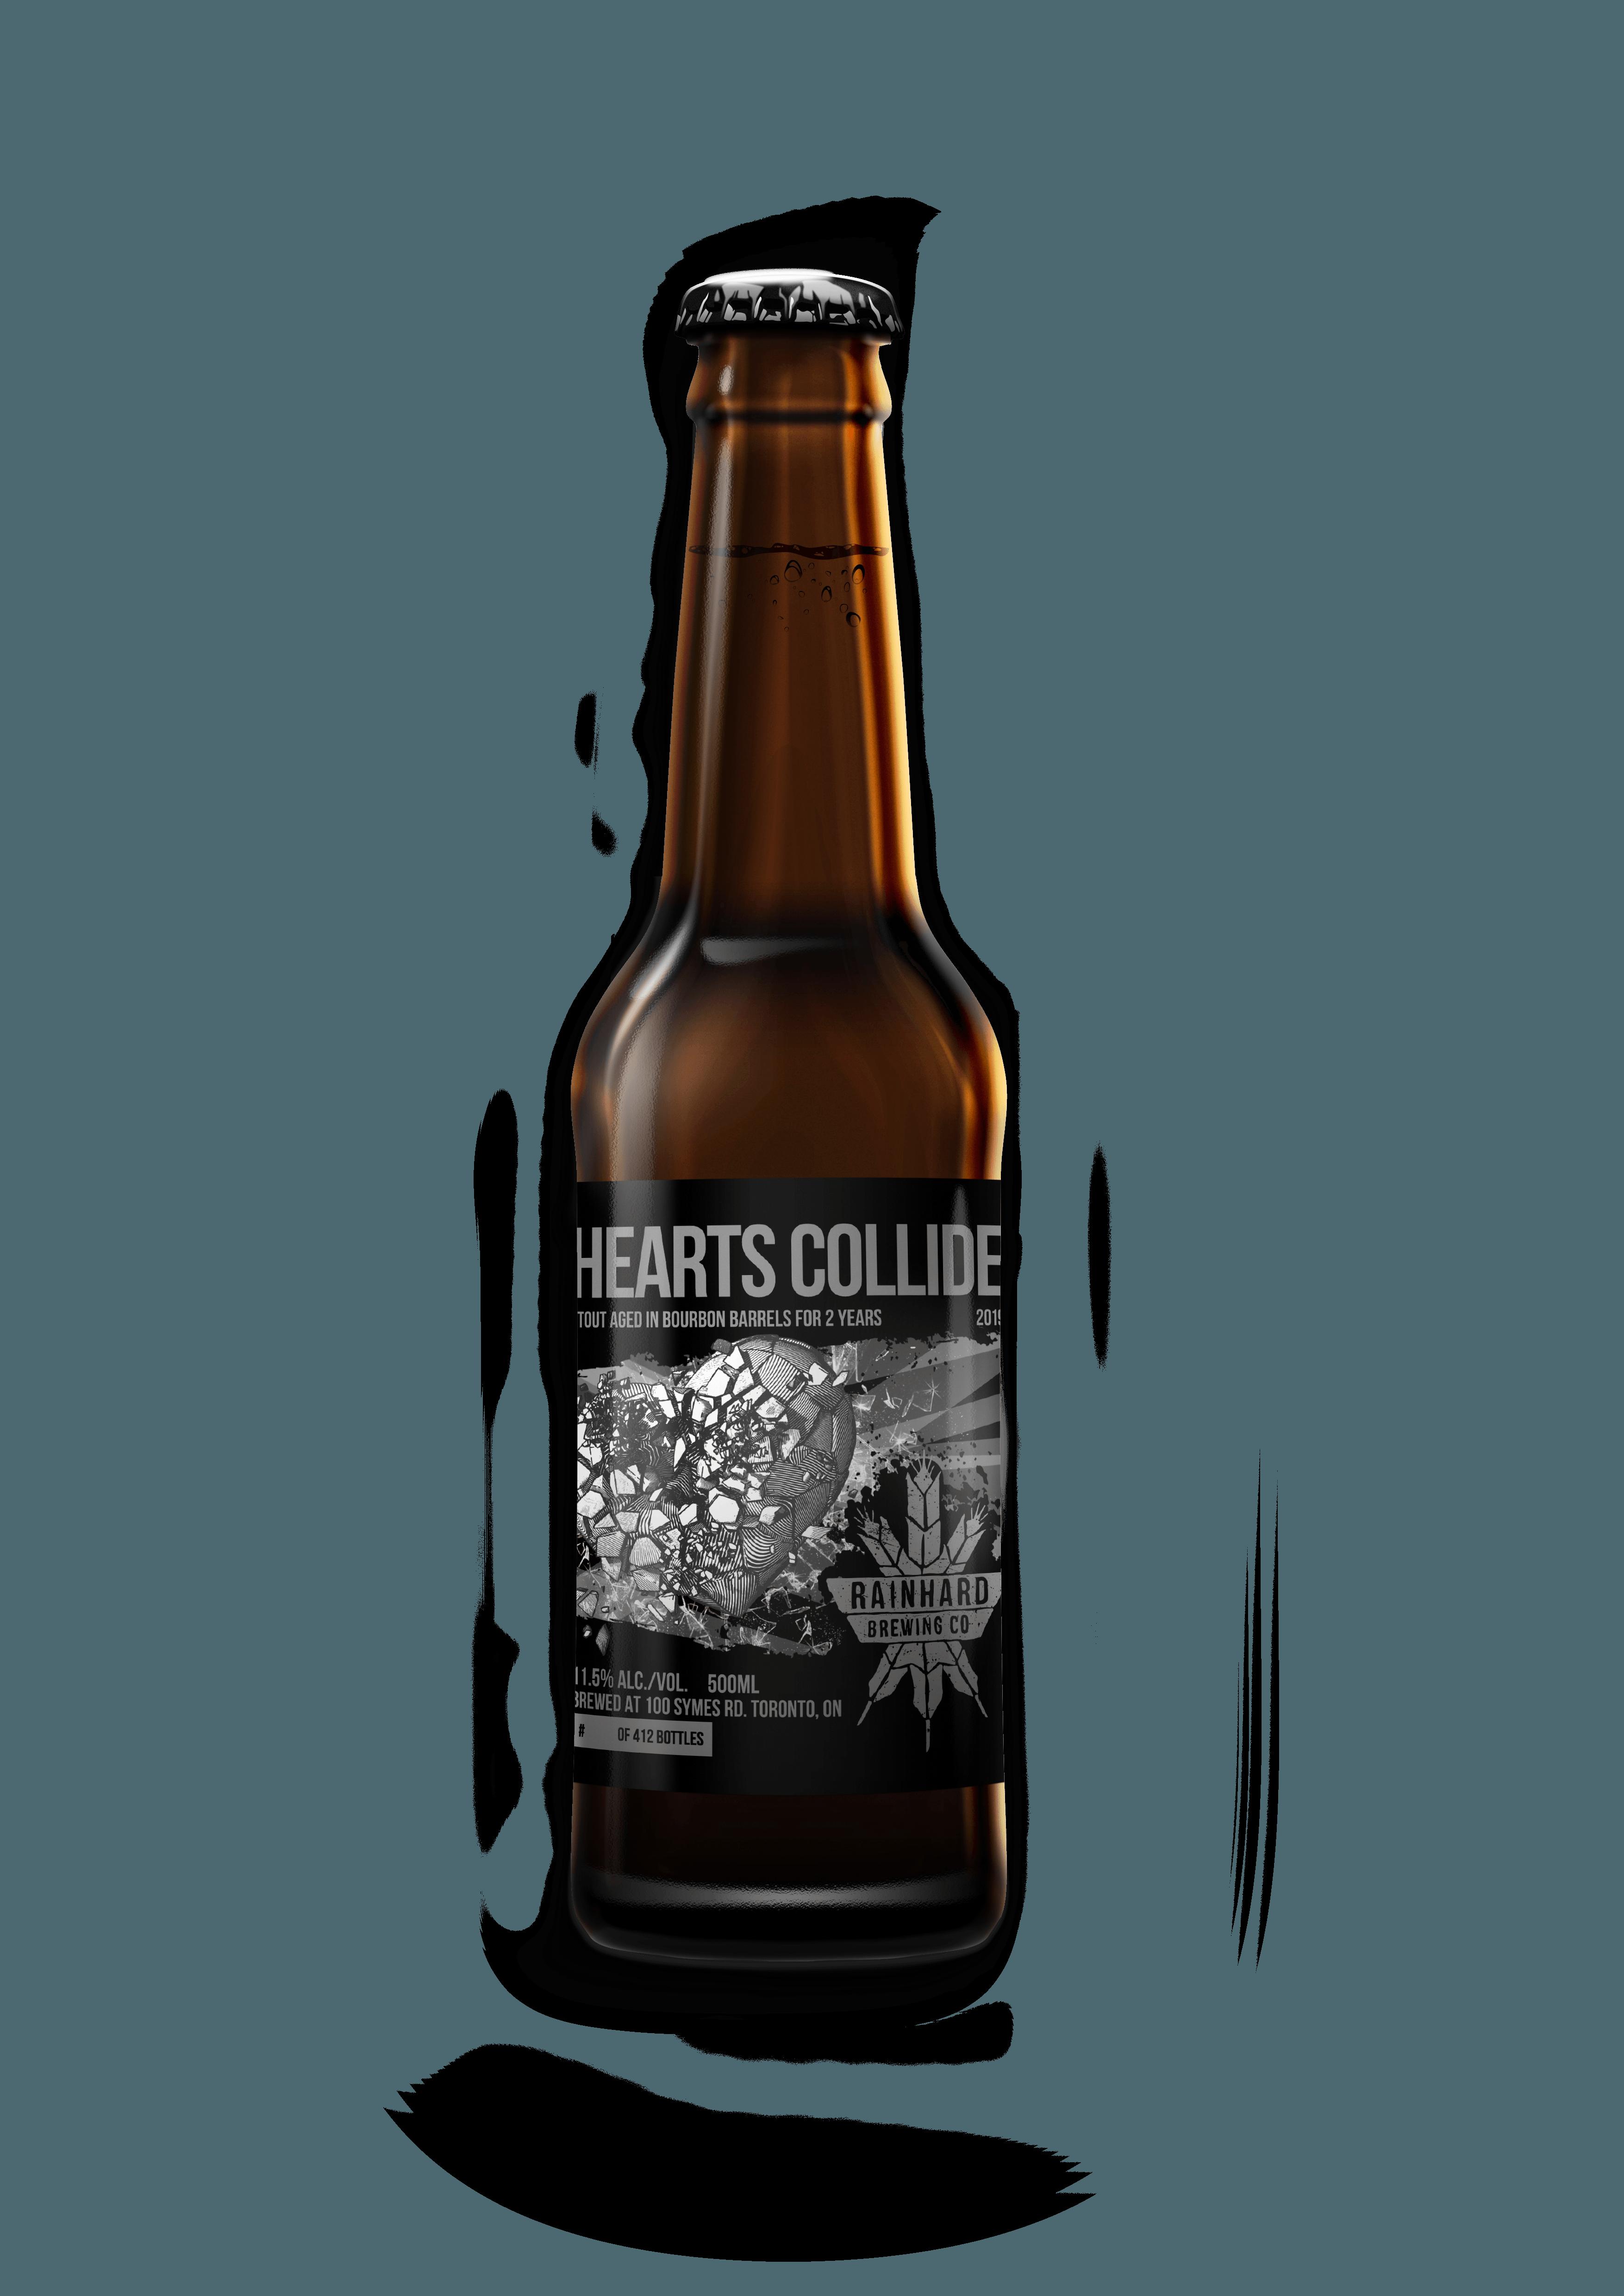 Image of Bourbon barrel-aged Hearts Collide bottle